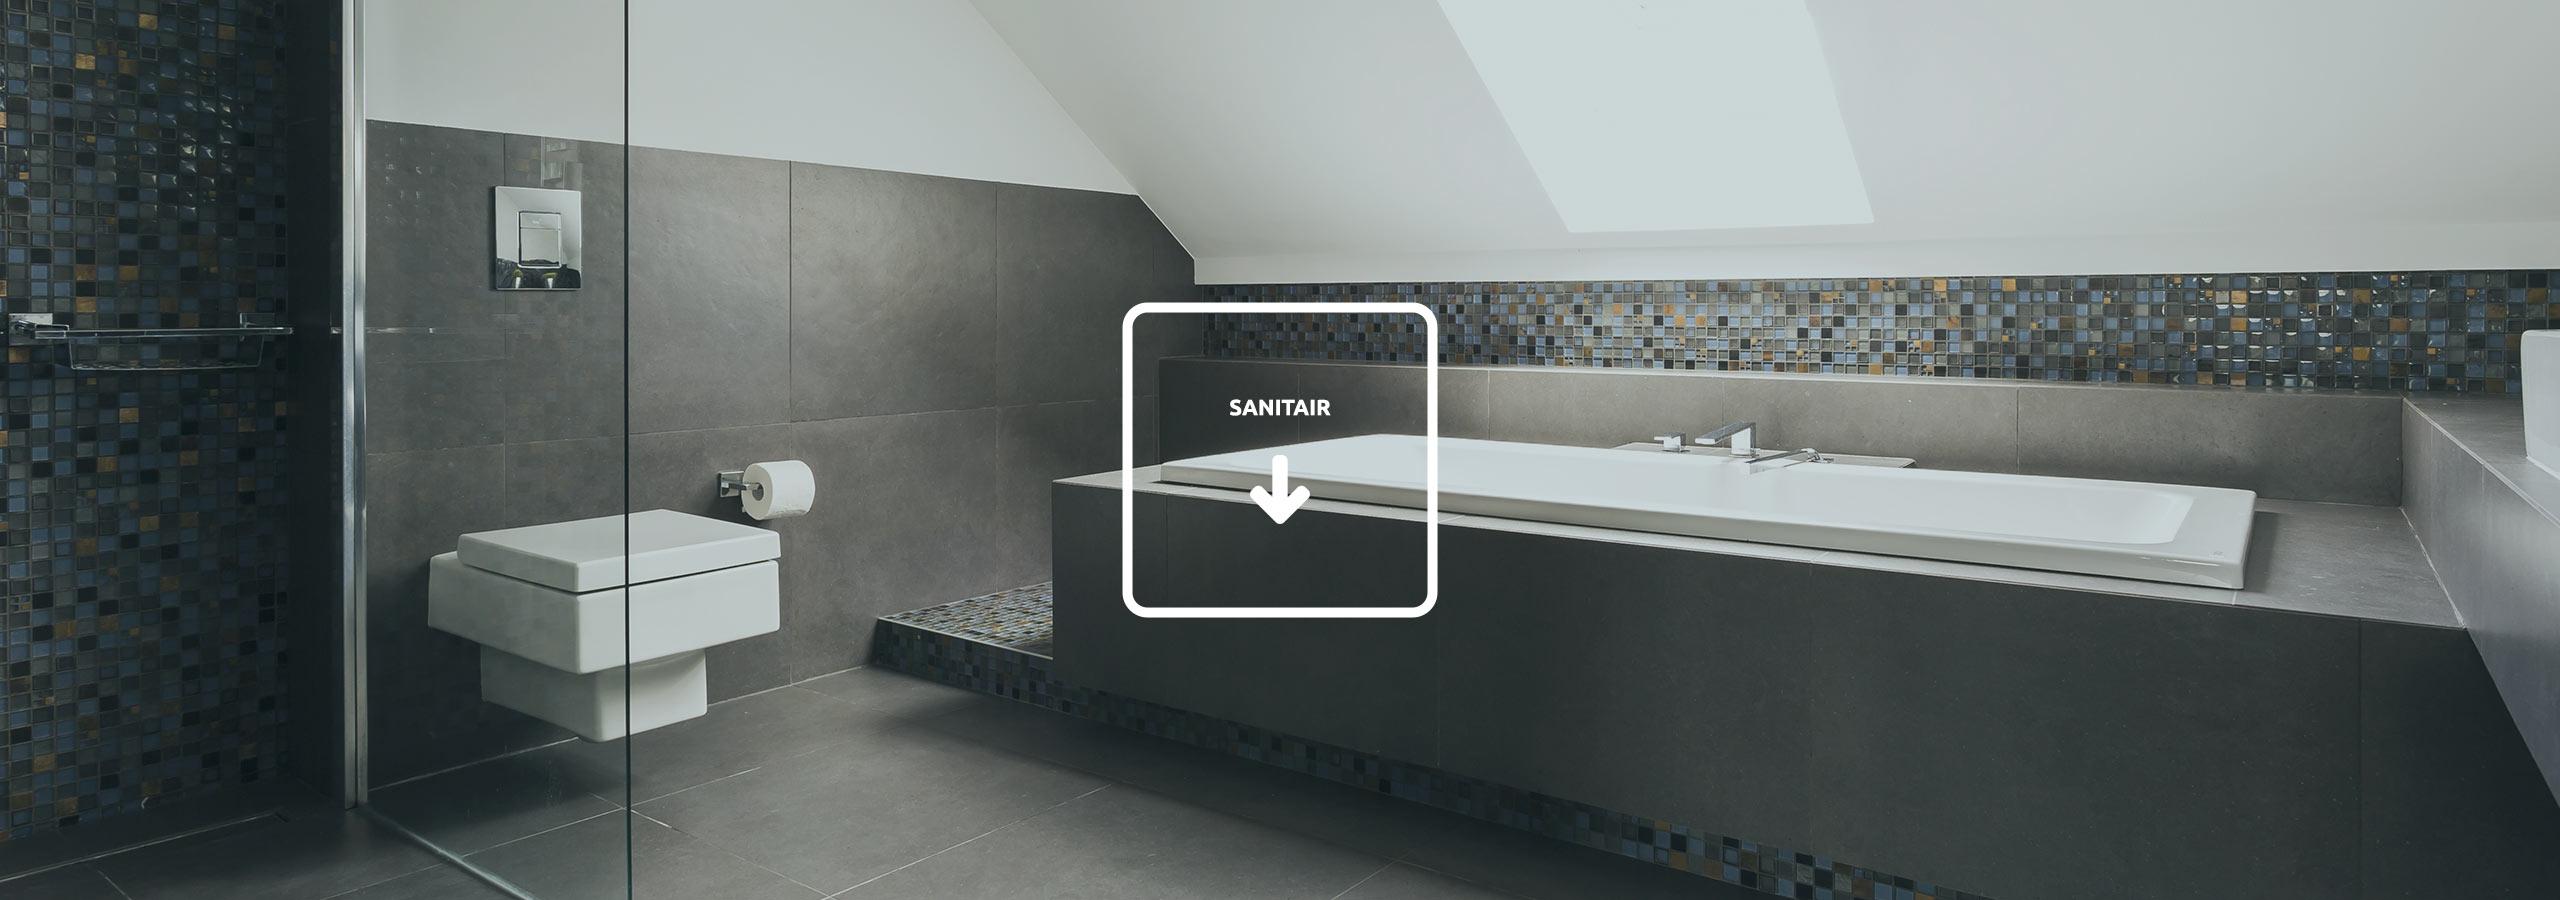 badkamer verbouwen door de installateur uit eygelshoven kerkrade